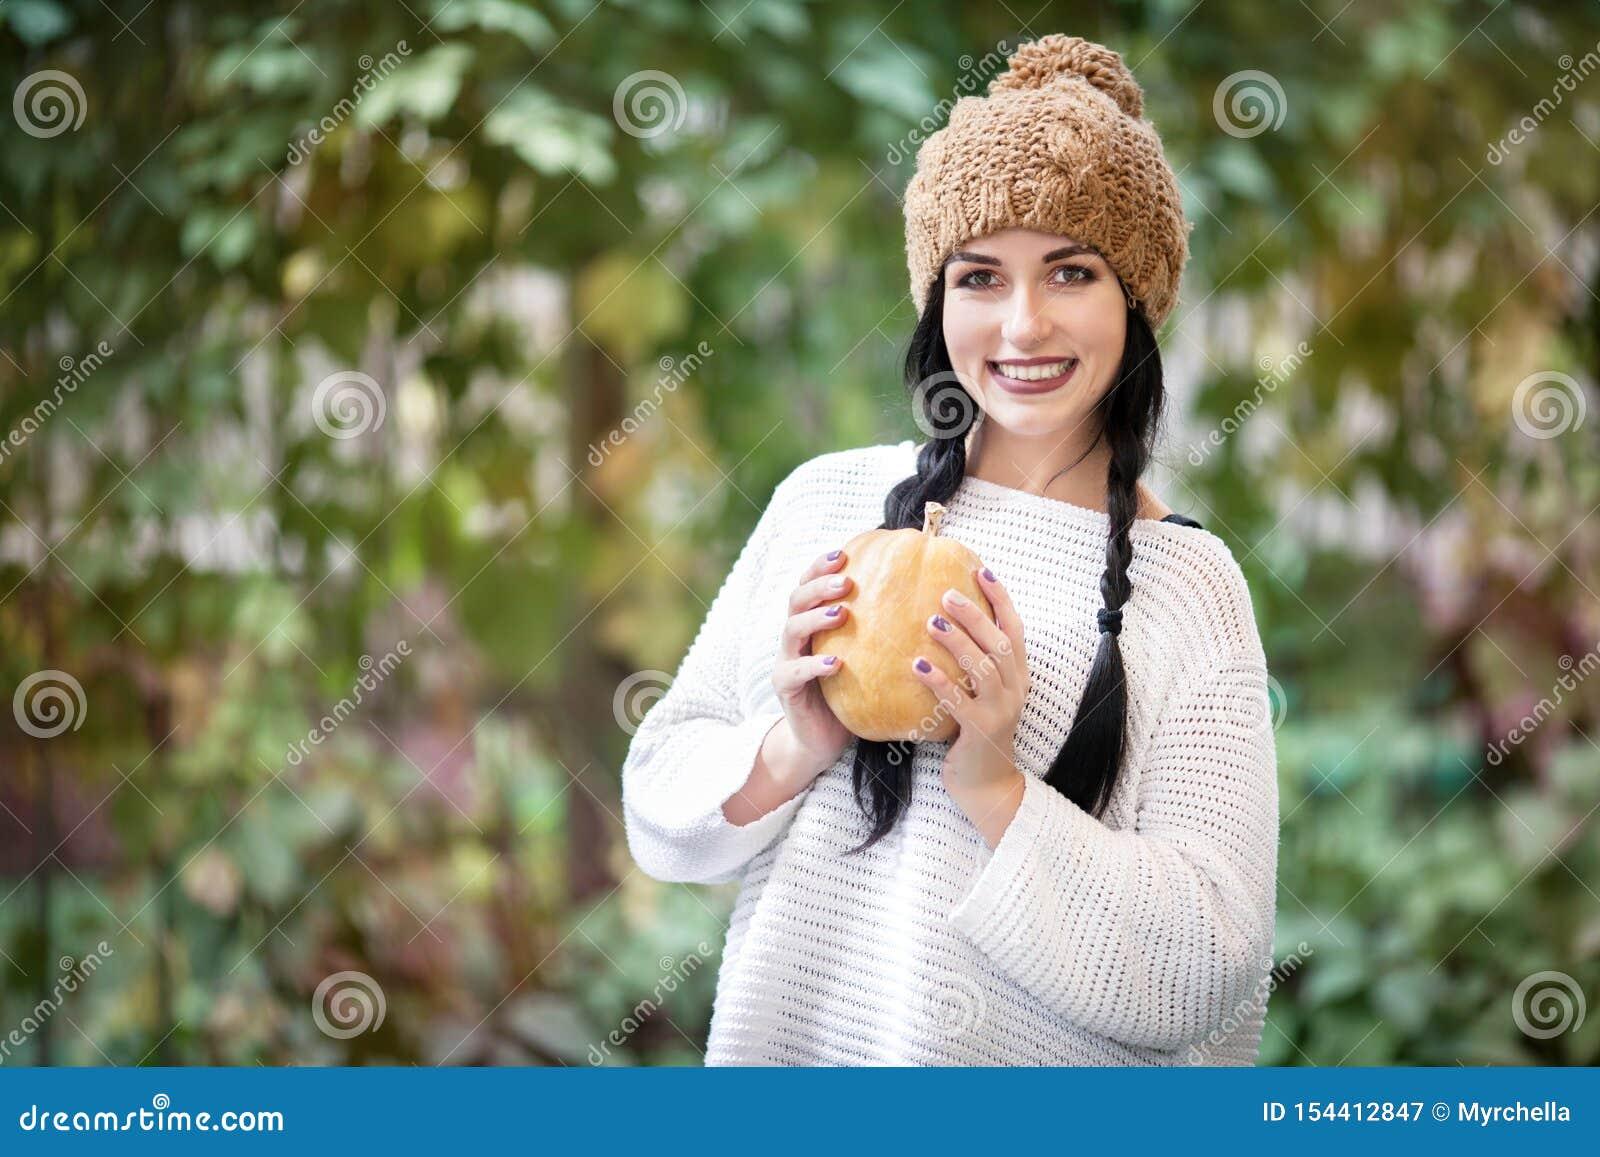 Ευτυχές πορτρέτο τρόπου ζωής μιας όμορφης νέας πρότυπης γυναίκας με μια κολοκύθα στα χέρια της